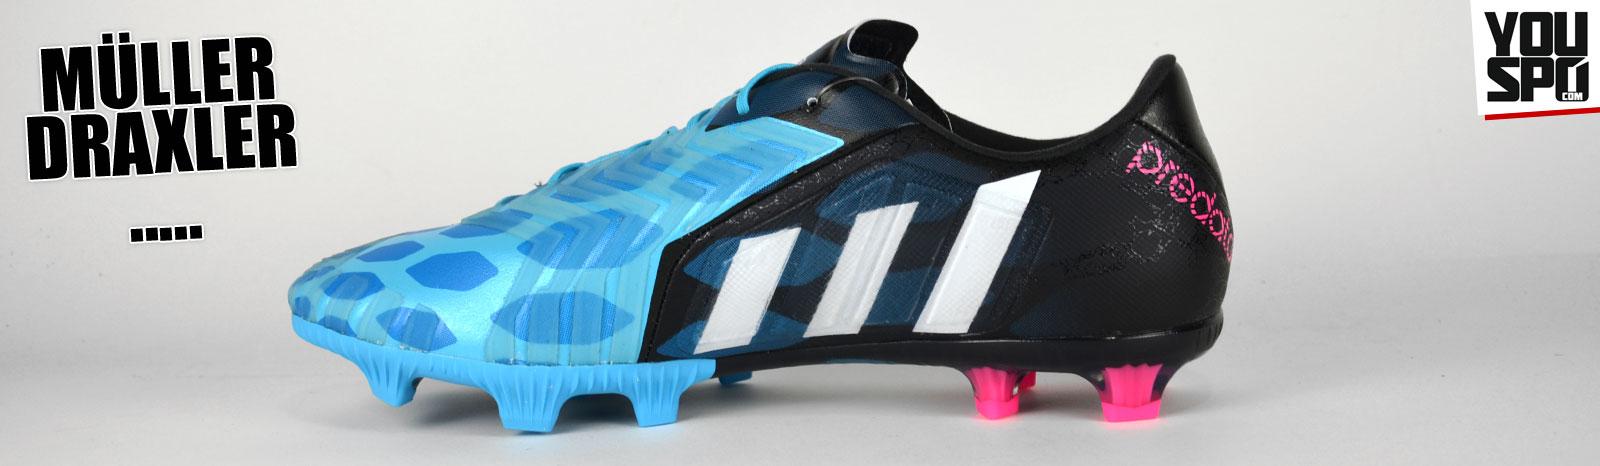 Adidas Predator Instinct von Thomas Müller und Julian Draxler